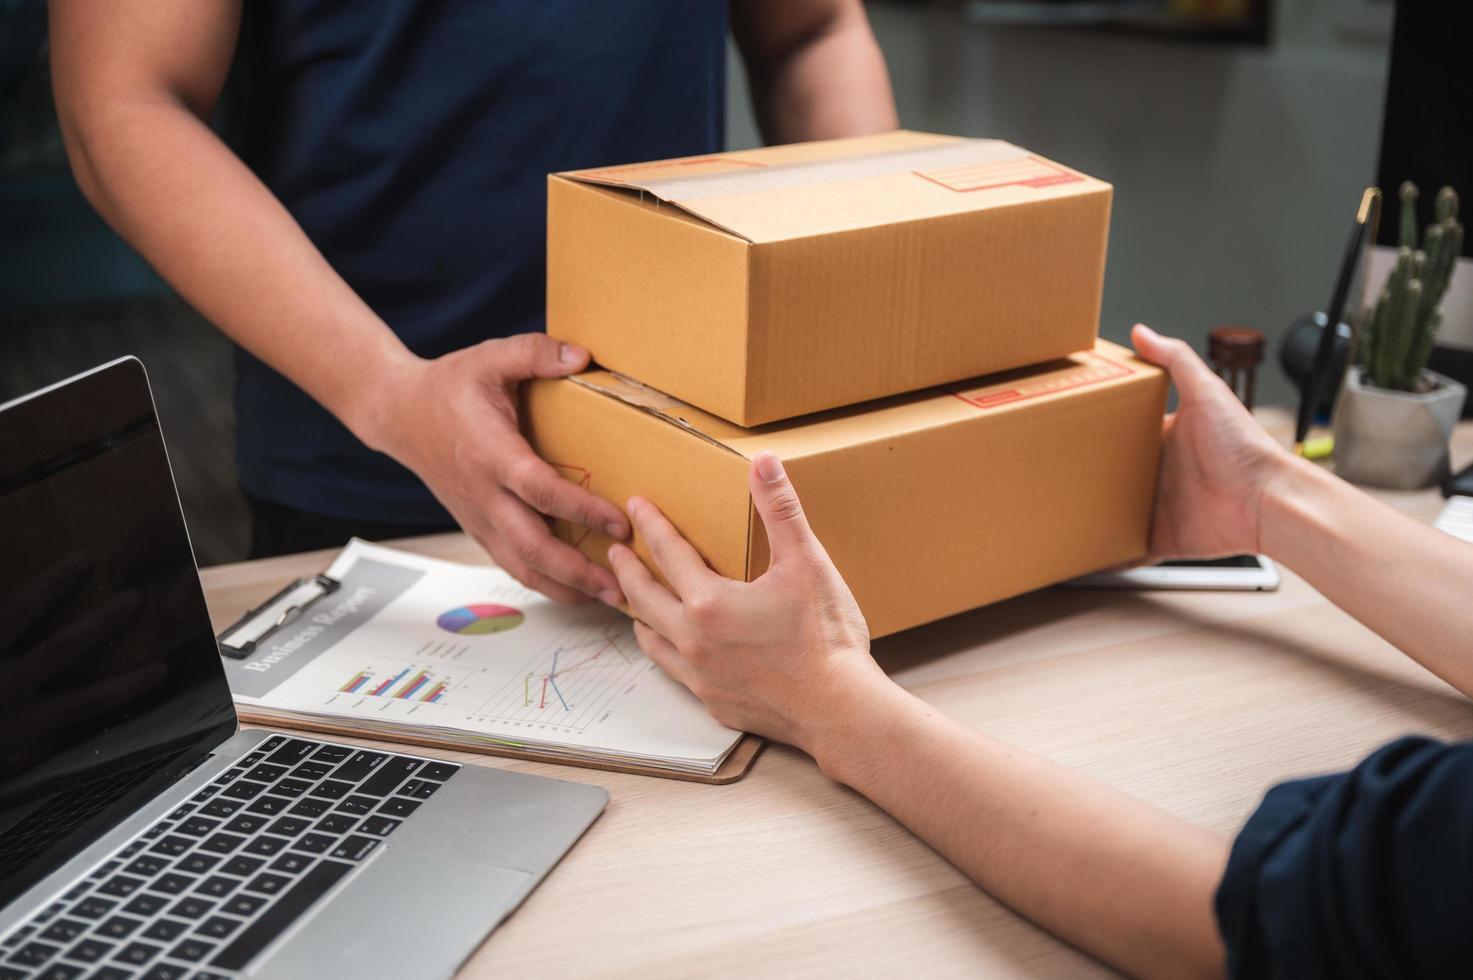 le travailleur reçoit la livraison au bureau photo